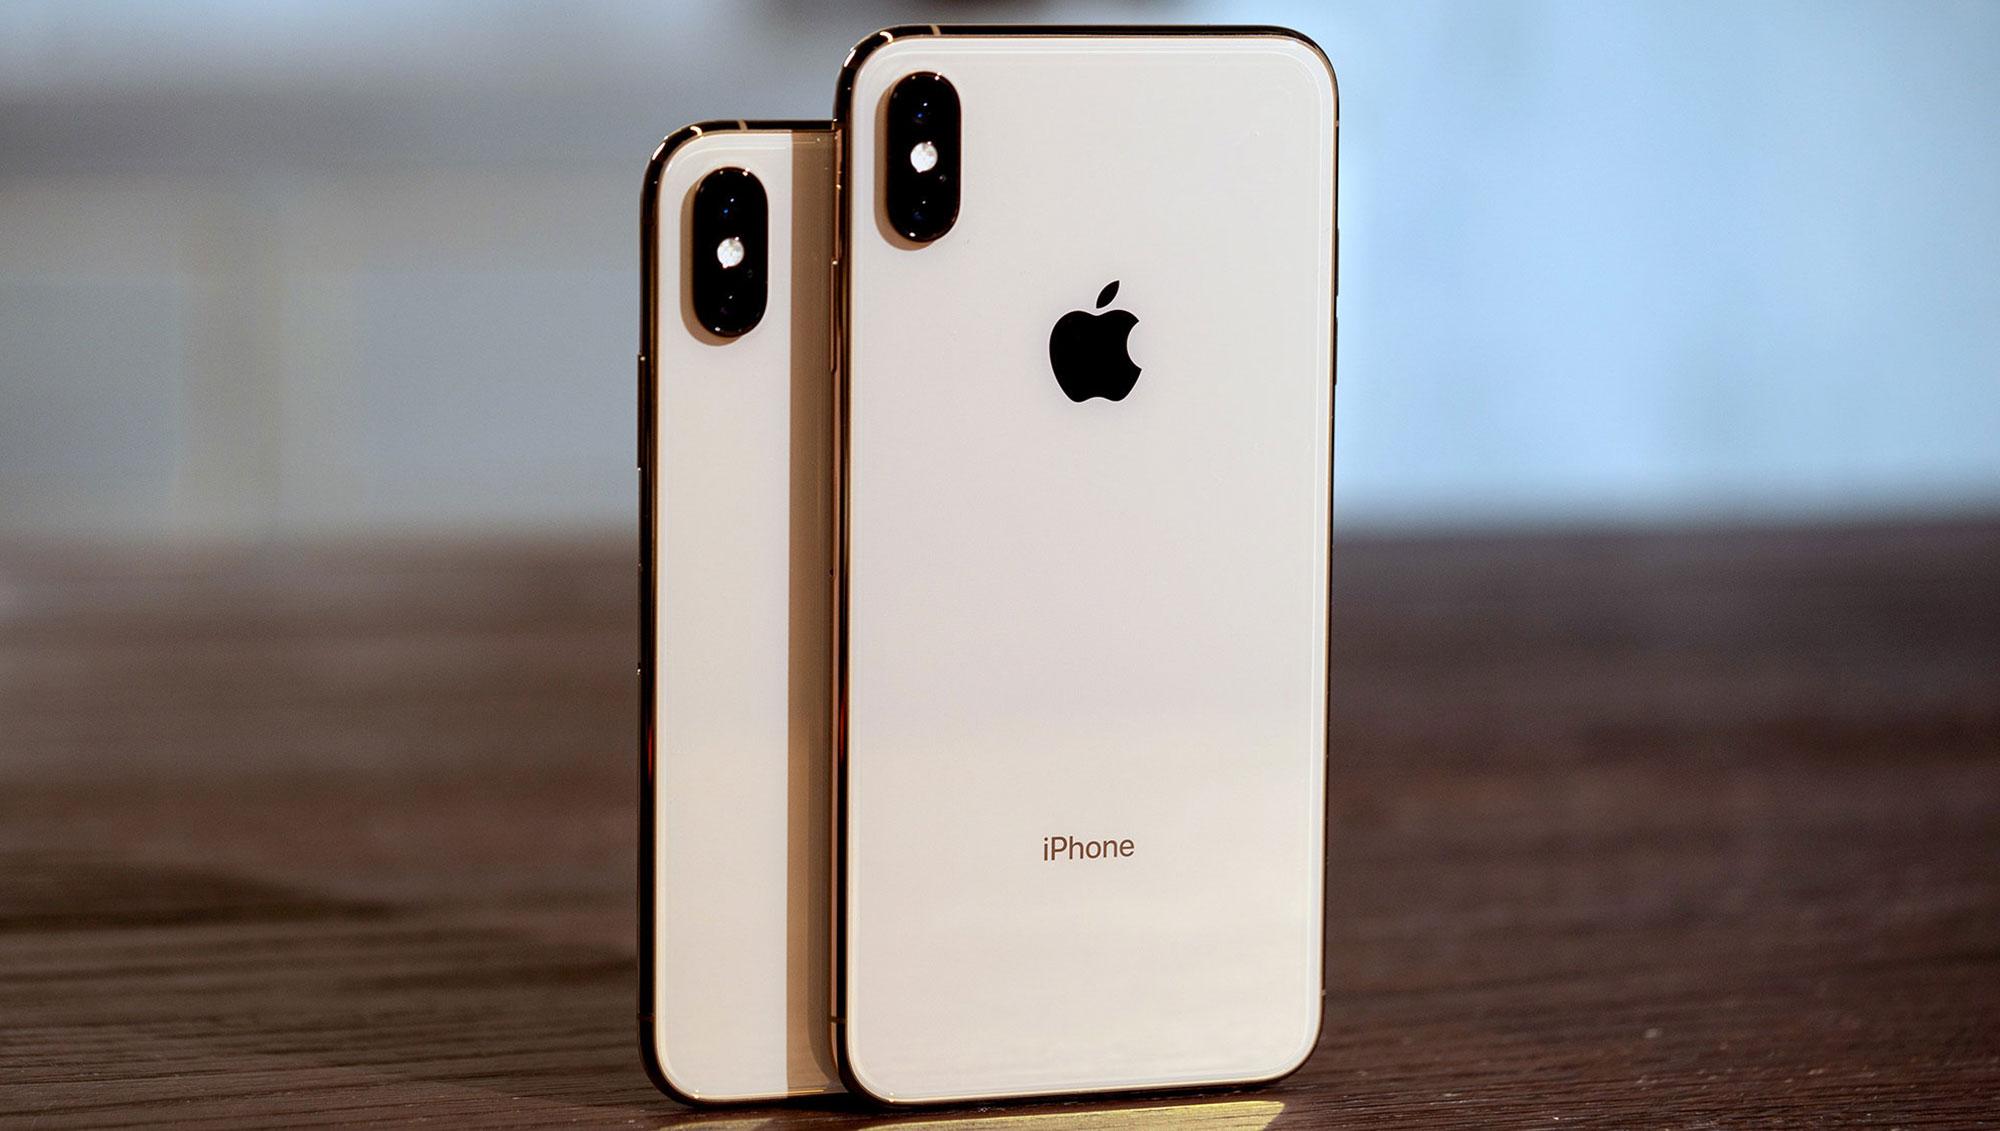 苹果供应商 Cirrus Logic 大幅下调公司预期销售额